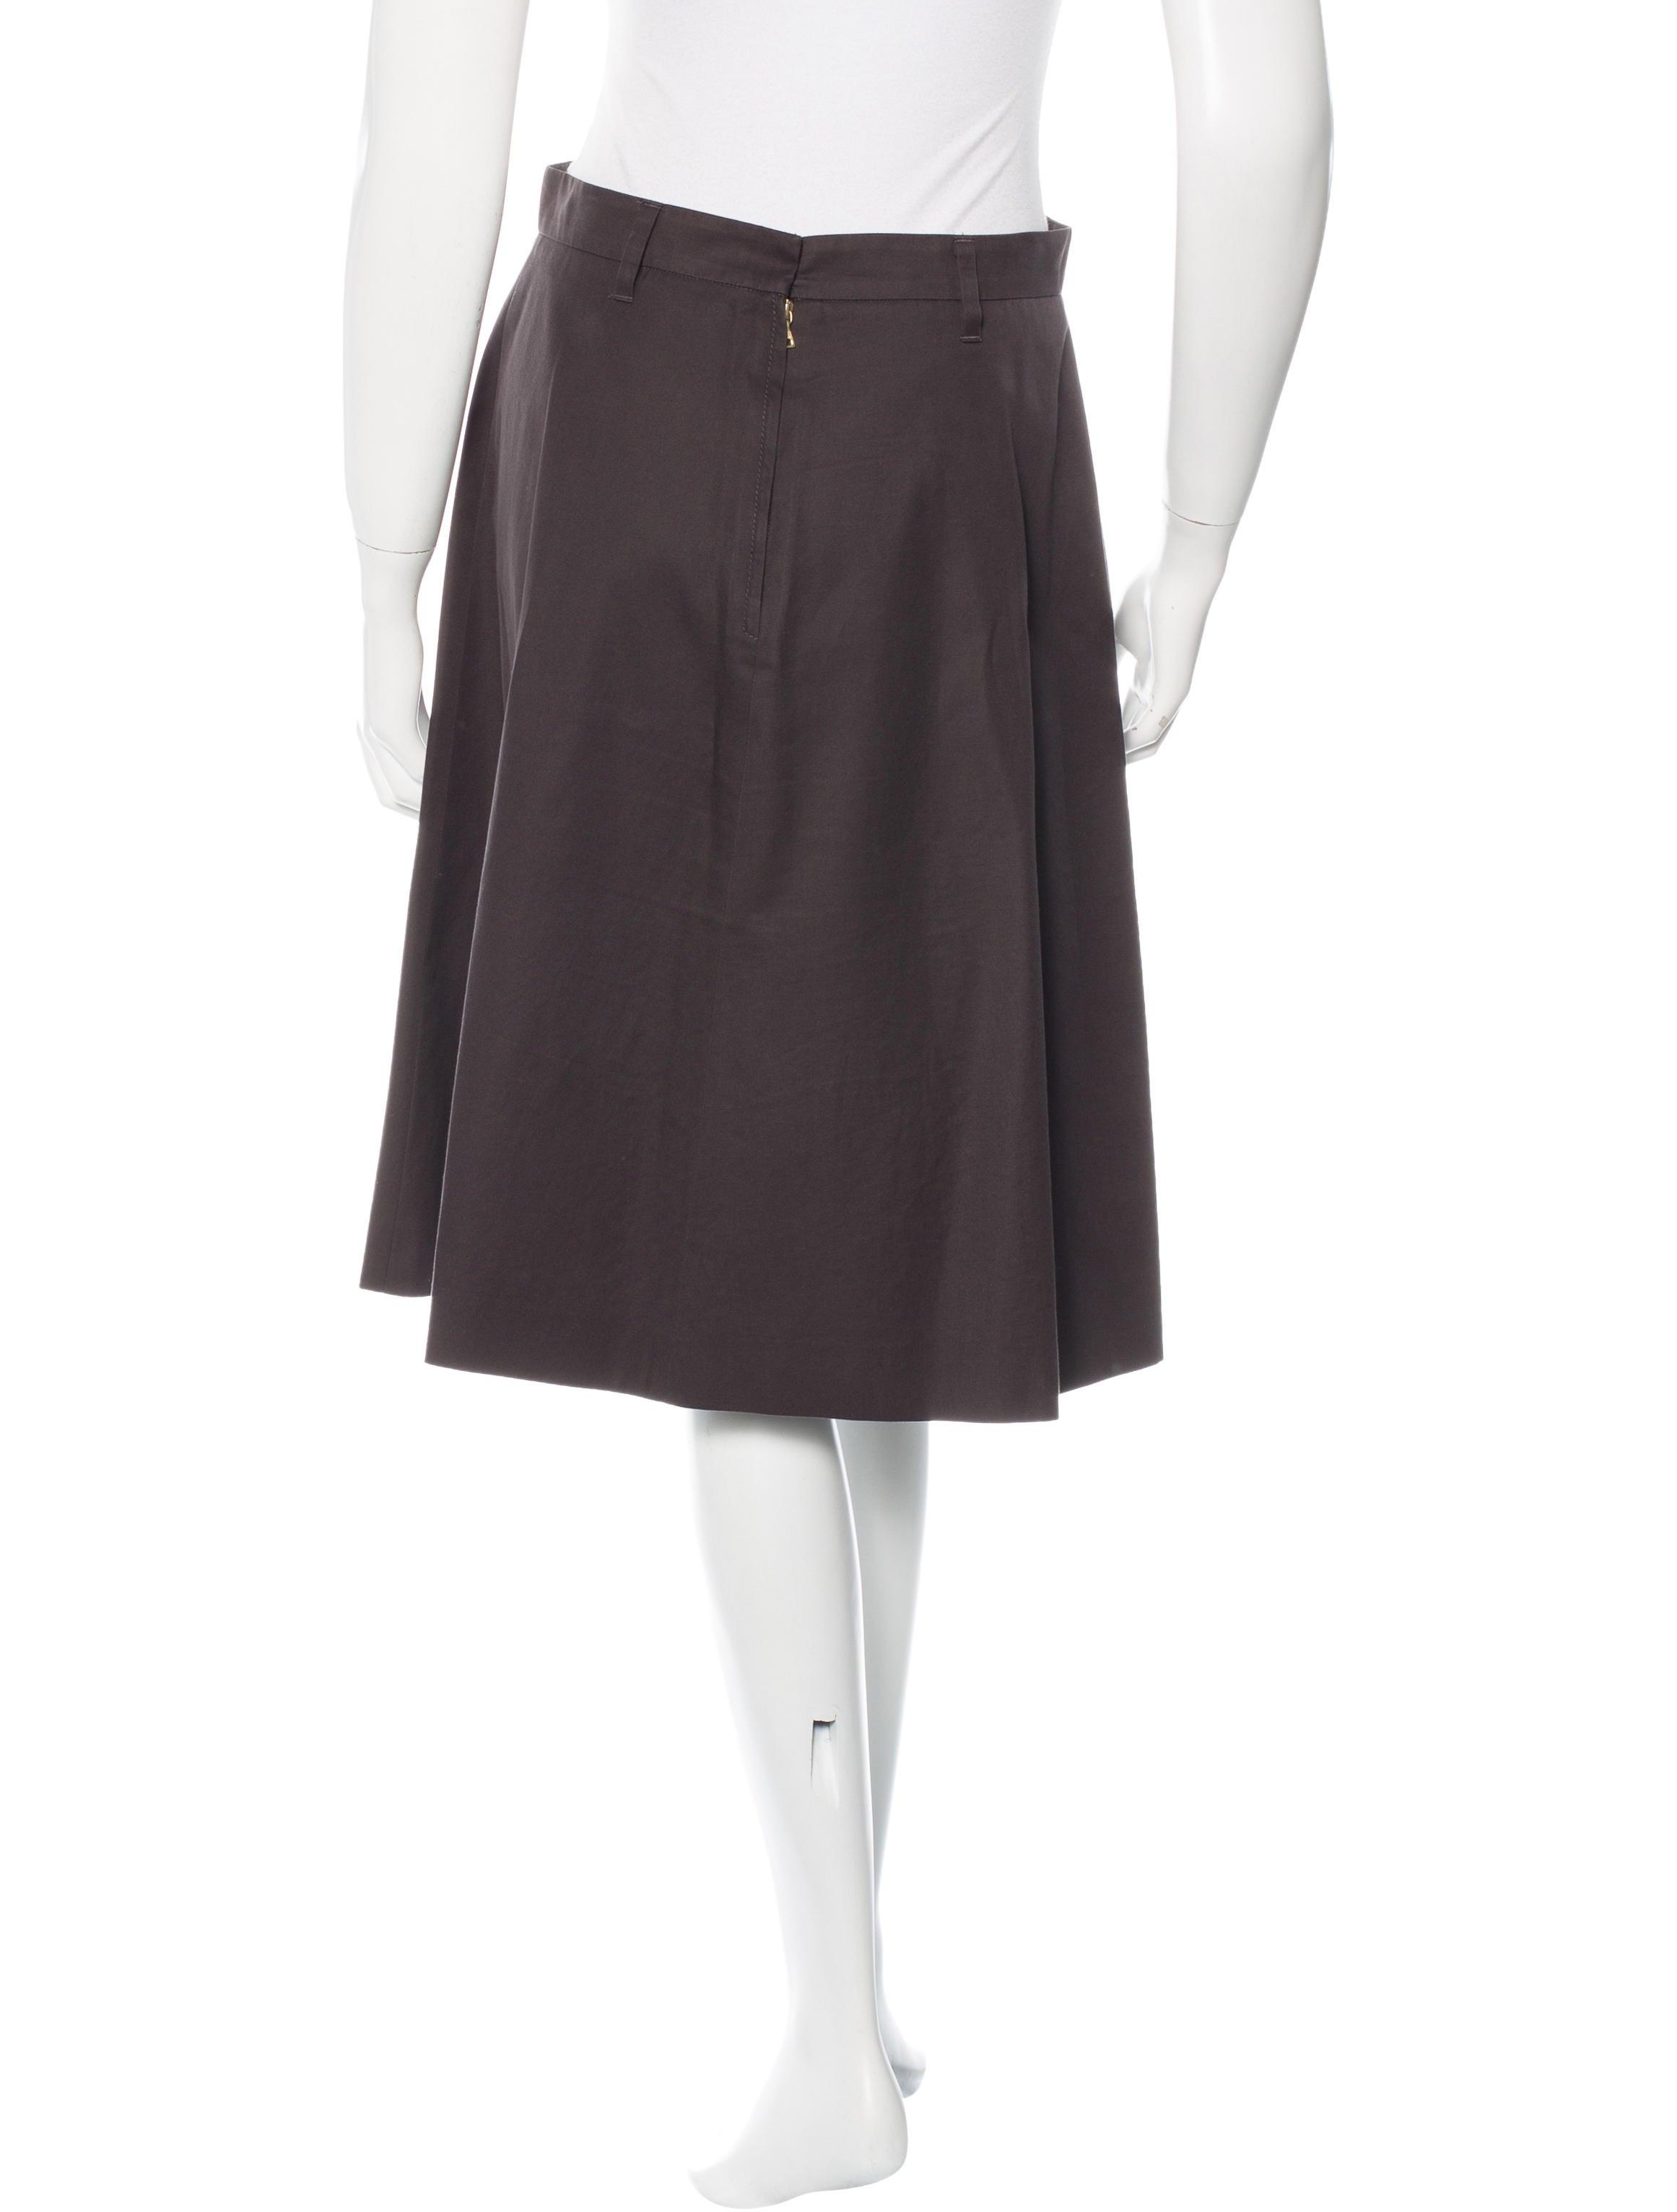 prada knee length a line skirt clothing pra117820